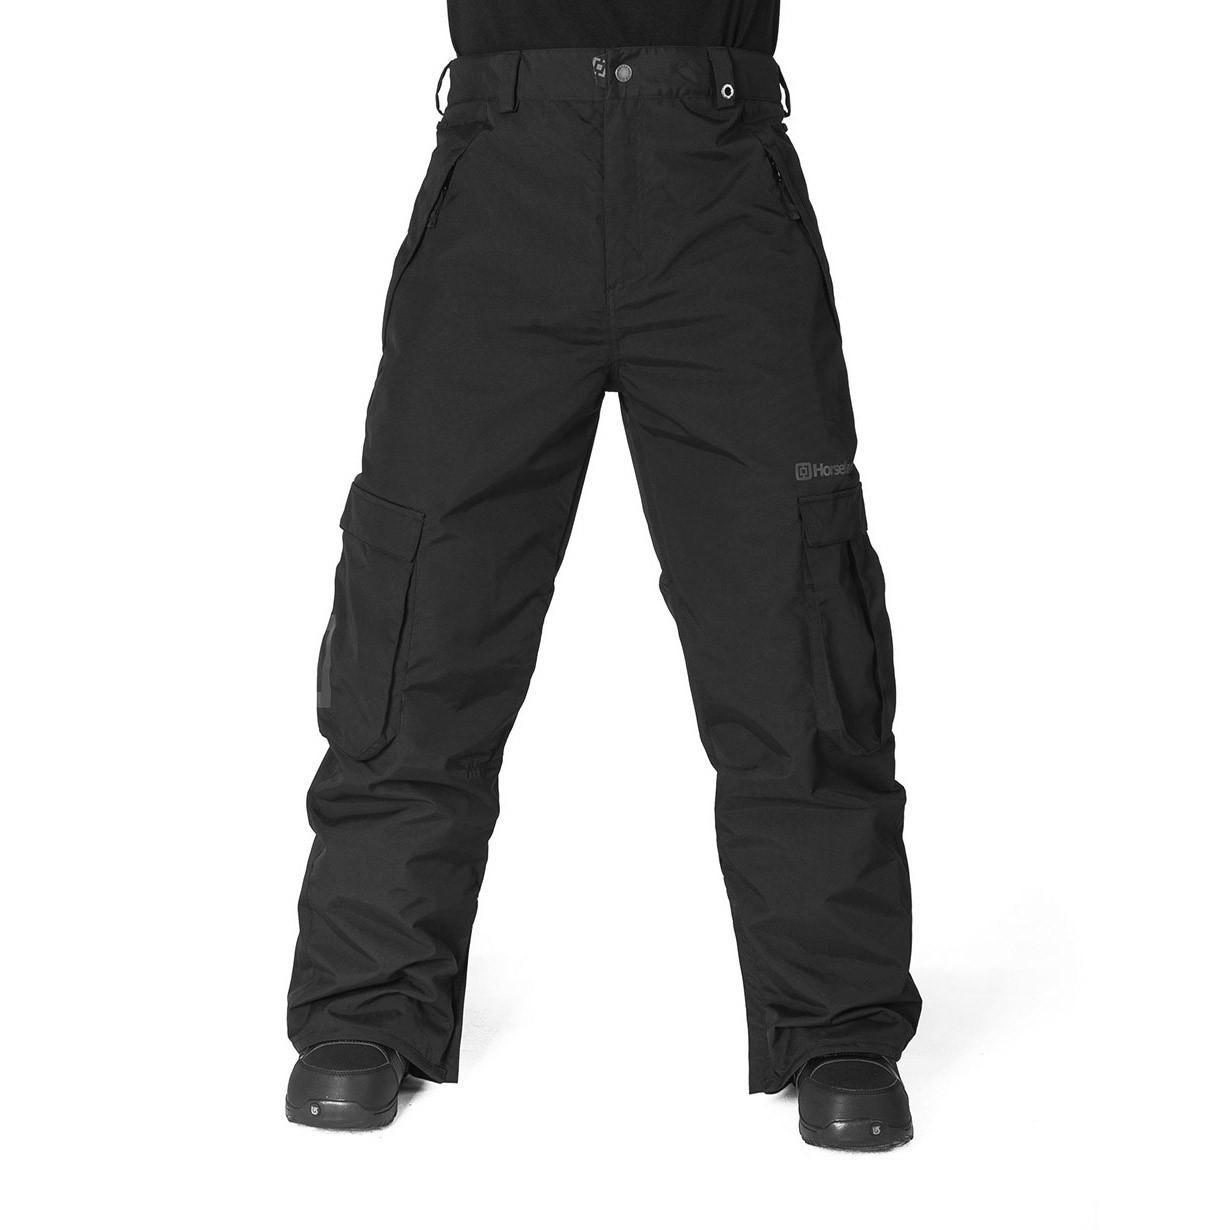 Kalhoty Horsefeathers Josh black vel.XL 15/16 + doručení do 24 hodin